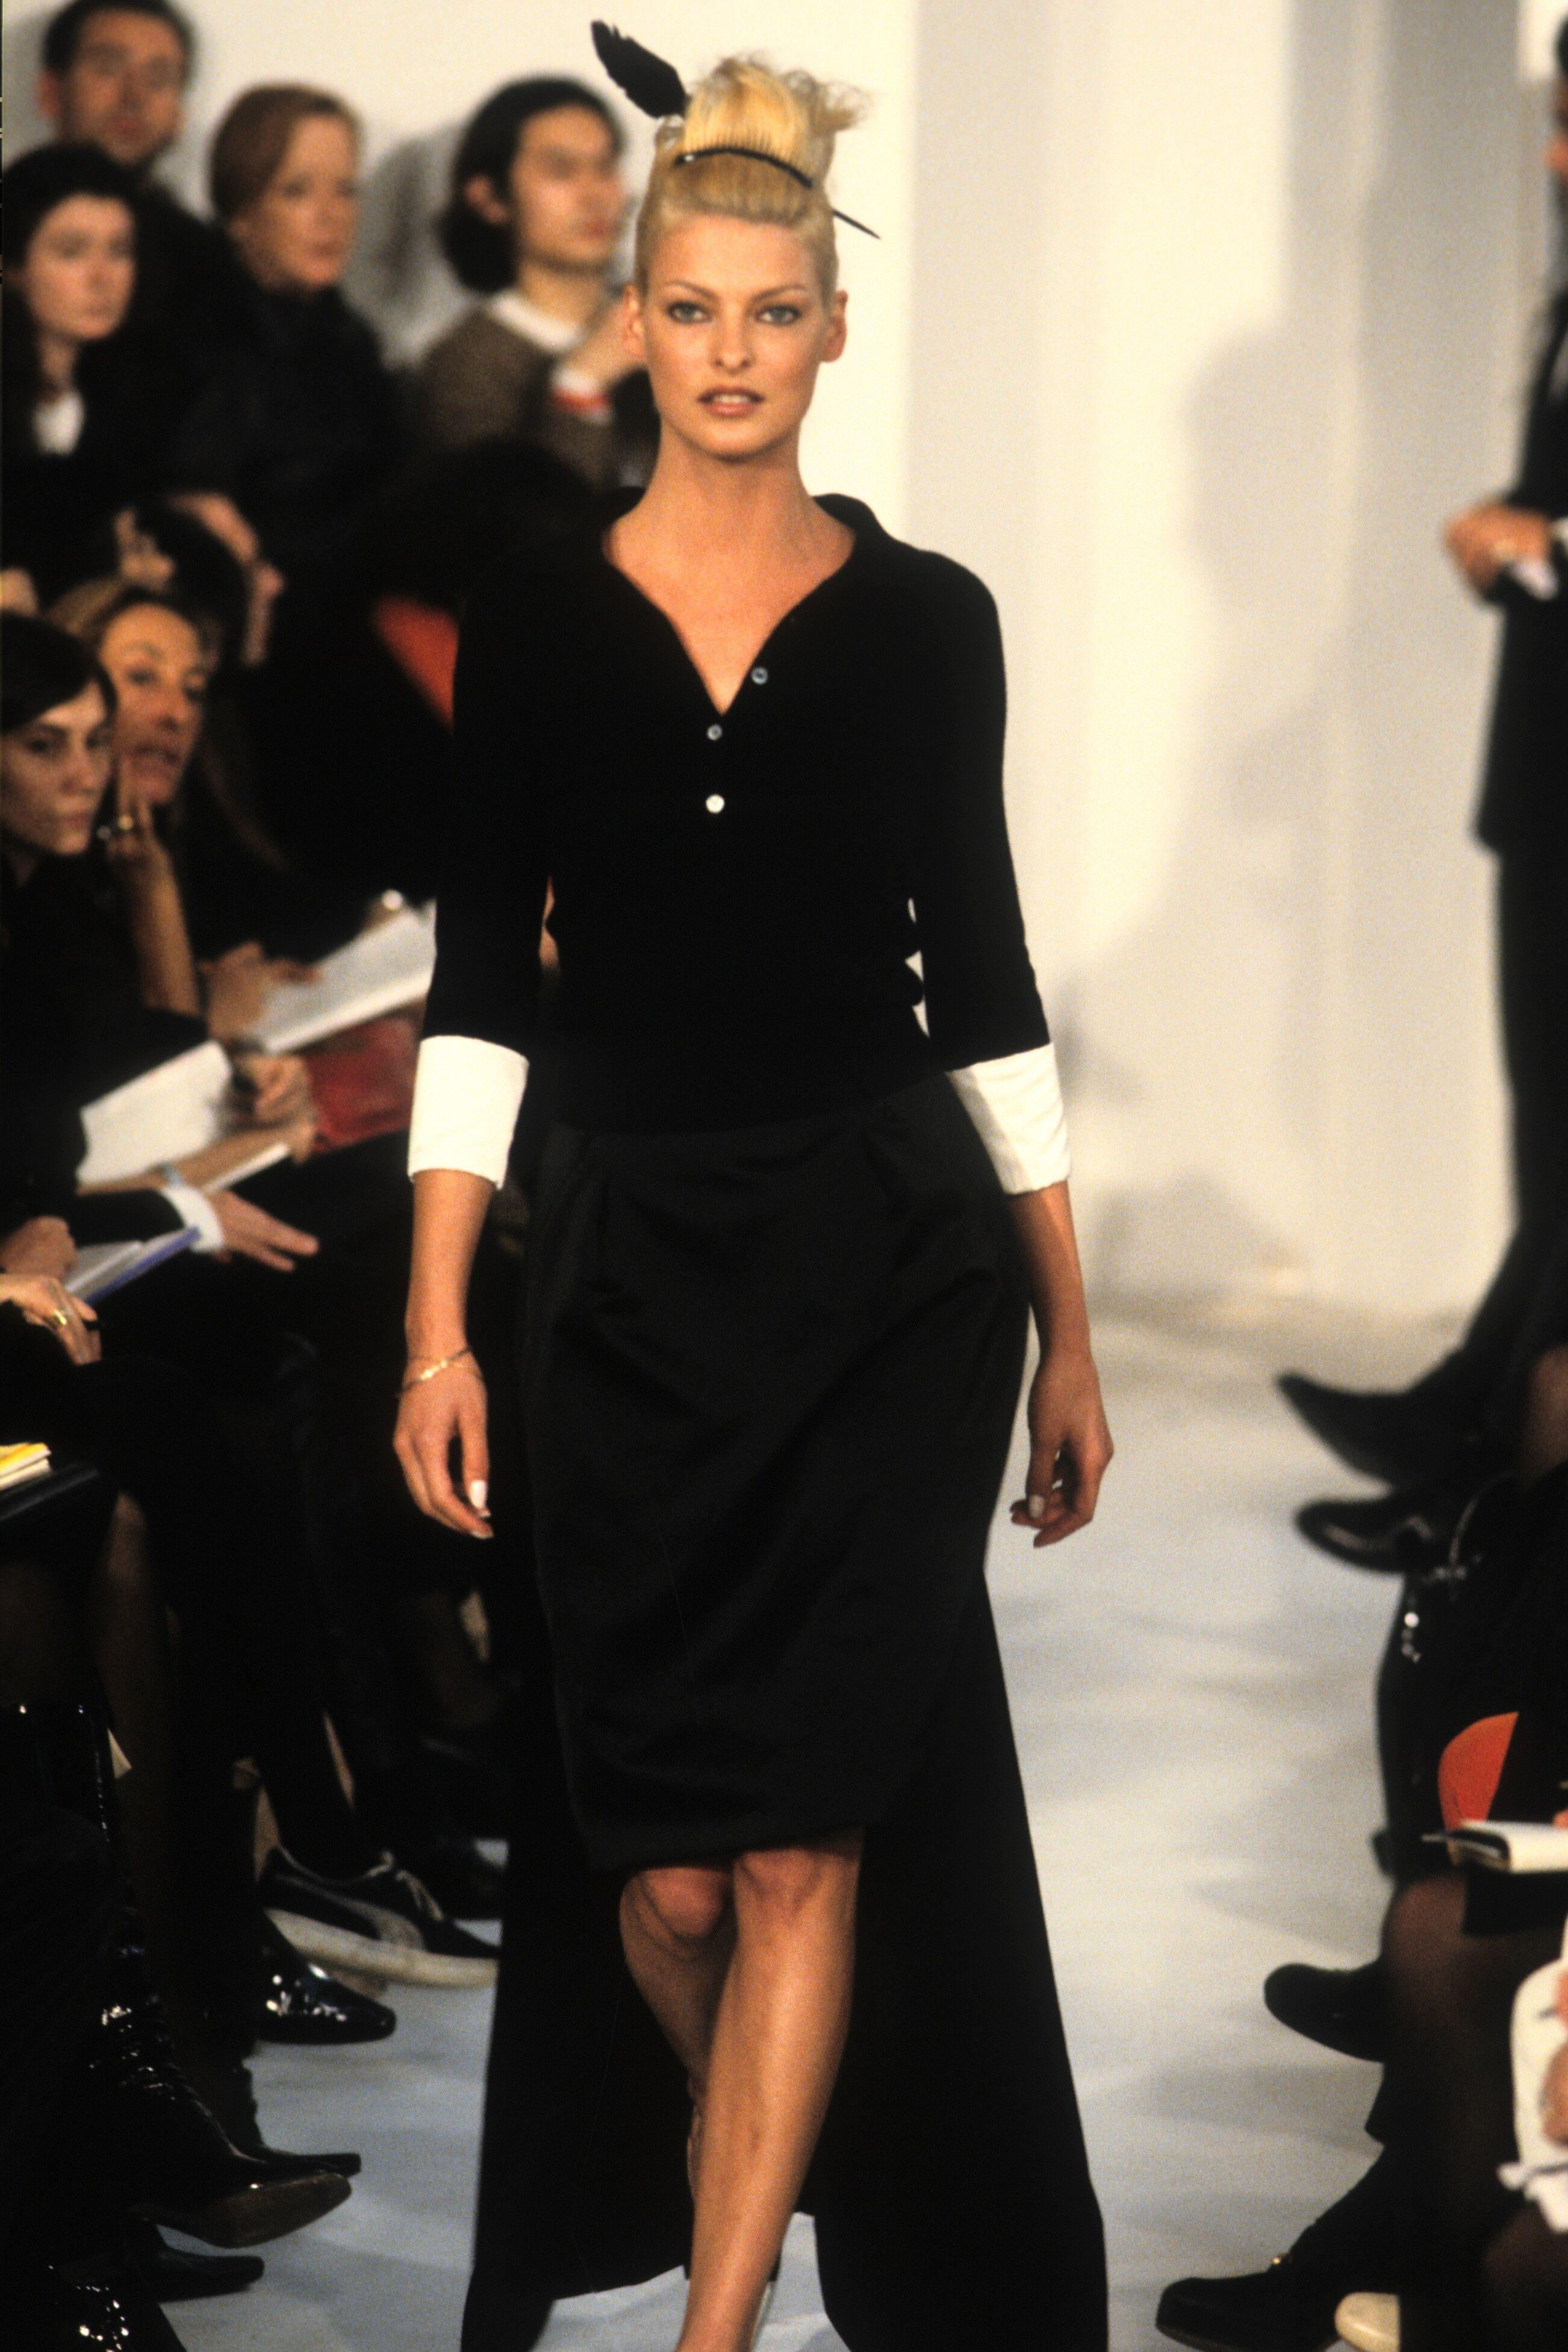 Linda Evangelista Helmut Lang Runway 1995 In 2020 Fashion Vintage Fashion Linda Evangelista